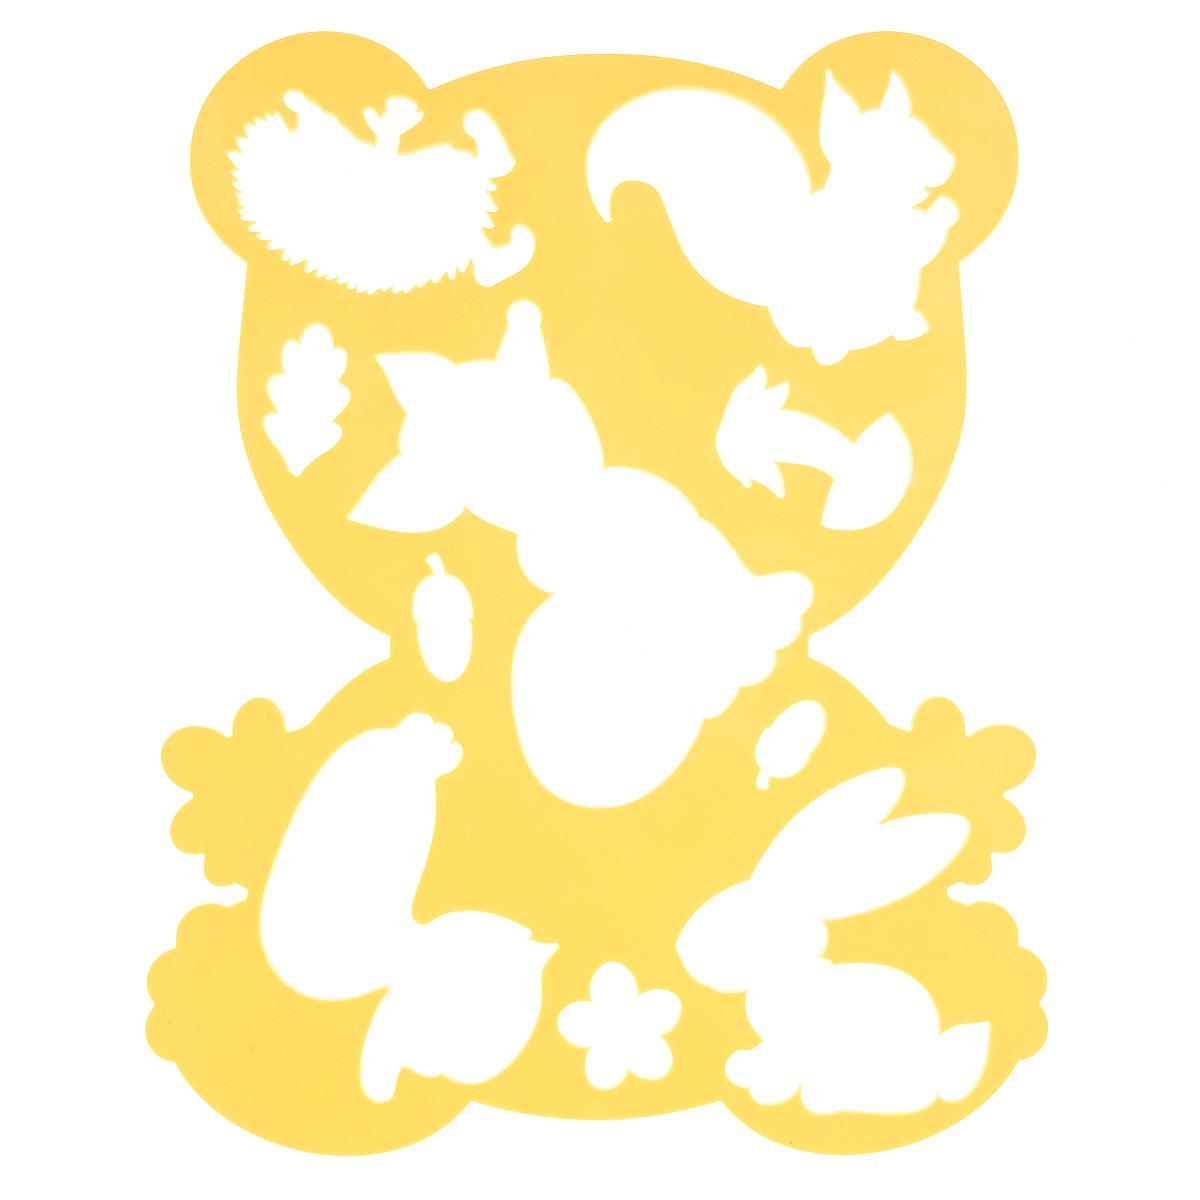 Луч Трафарет фигурный Медвежонок и друзья цвет желтый18С 1208-08Трафарет фигурный Луч Медвежонок и друзья, выполненный из безопасного пластика, предназначен для детского творчества. При помощи этого трафарета ребенок может нарисовать забавного мишку в кругу его лесных обитателей: ежика, зайца, белочки, уточки и лисы. Трафарет можно использовать для рисования отдельных животных и композиций из них, а также для изготовления аппликаций. Трафареты предназначены для развития у детей мелкой моторики и зрительно- двигательной координации, навыков художественной композиции и зрительного восприятия.